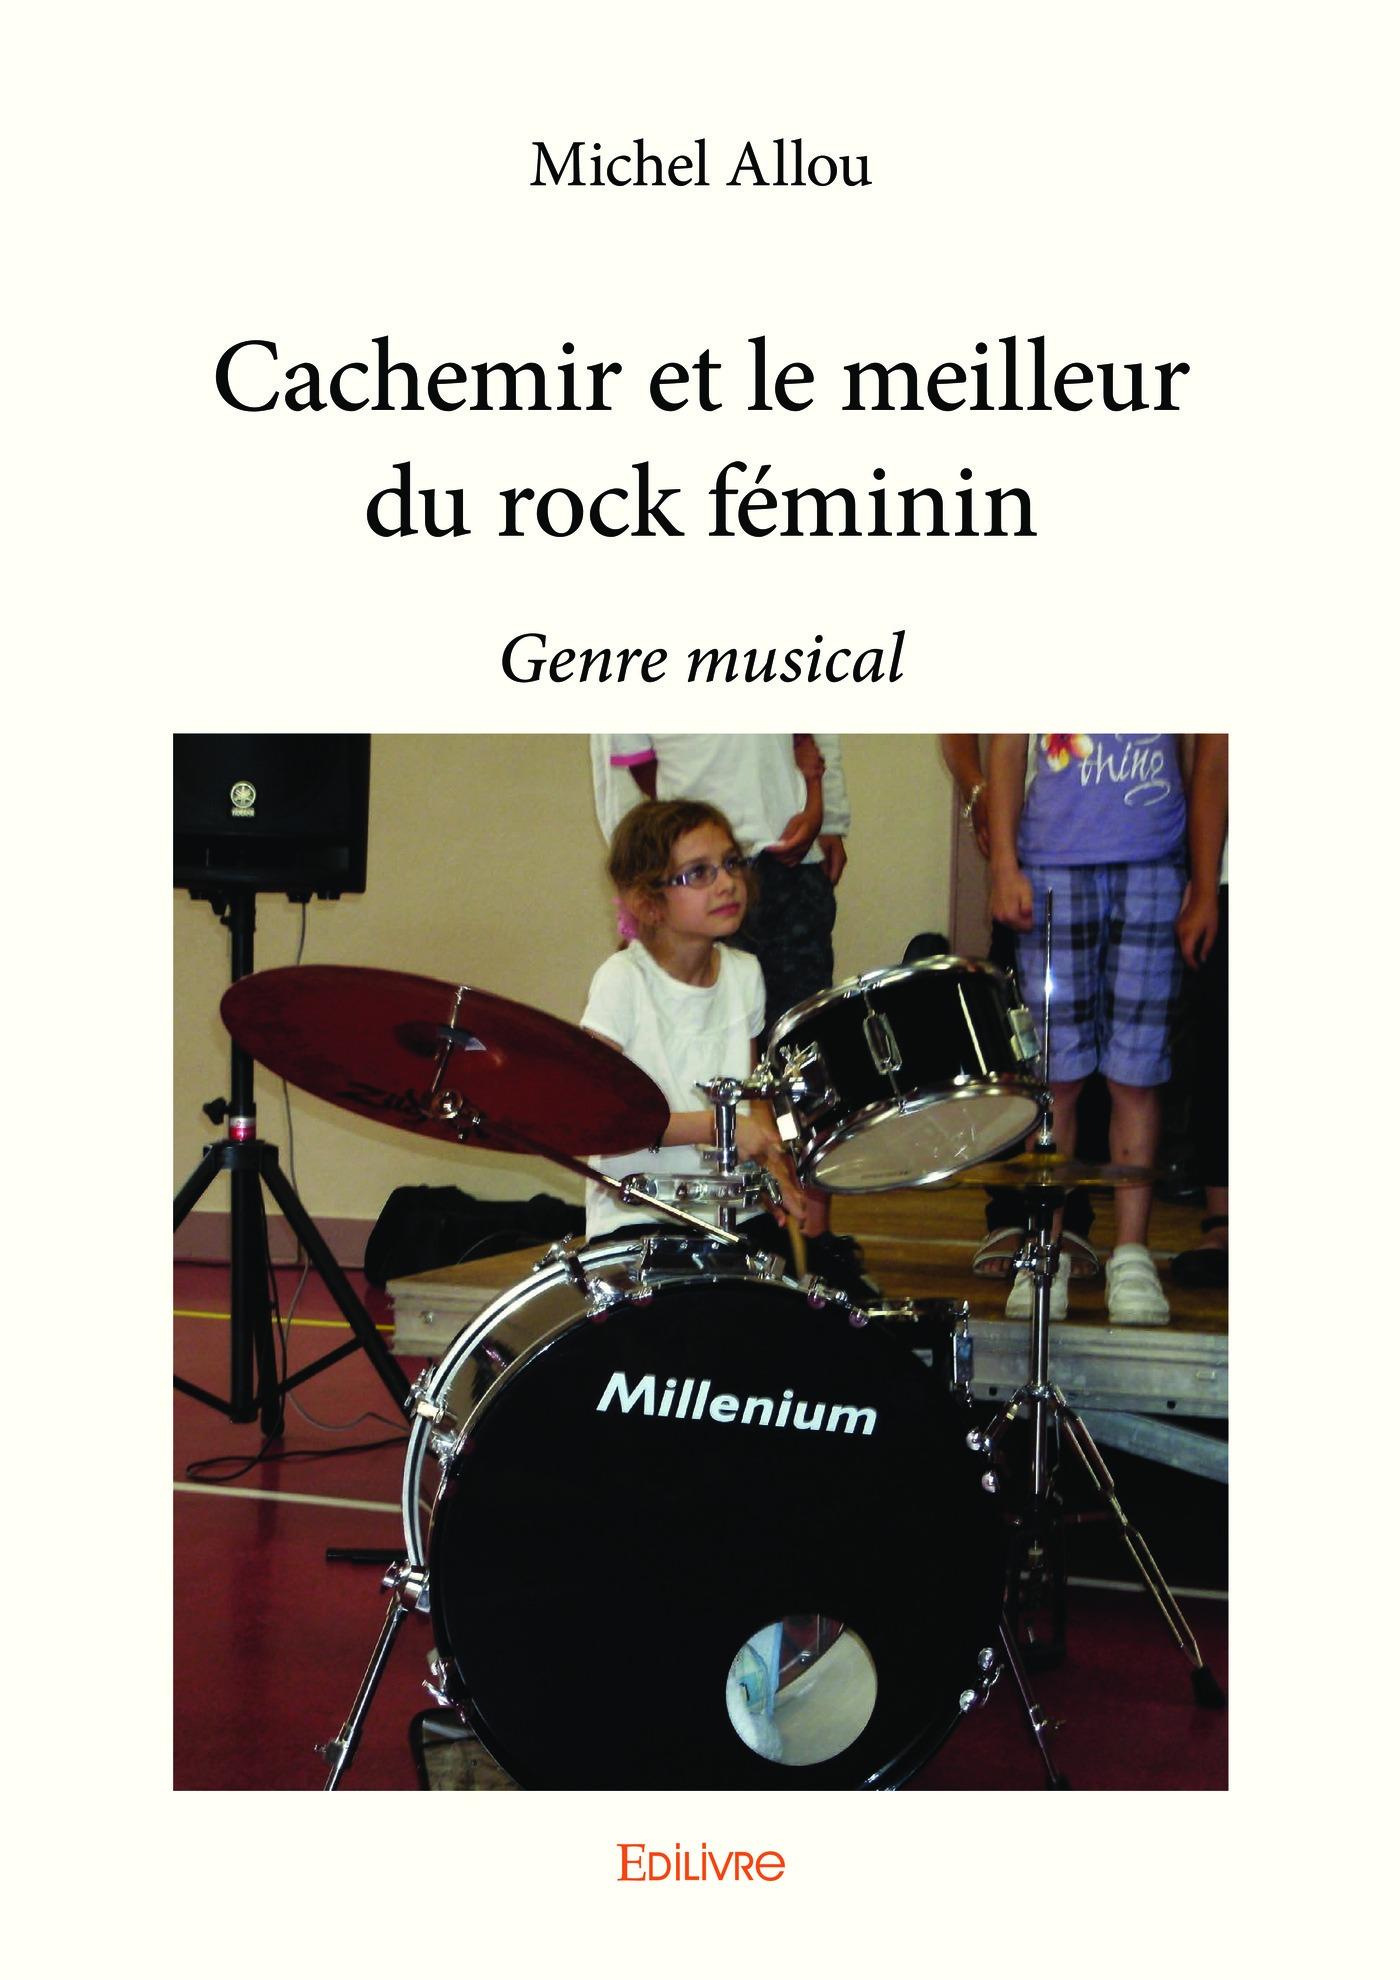 Cachemir et le meilleur du rock féminin